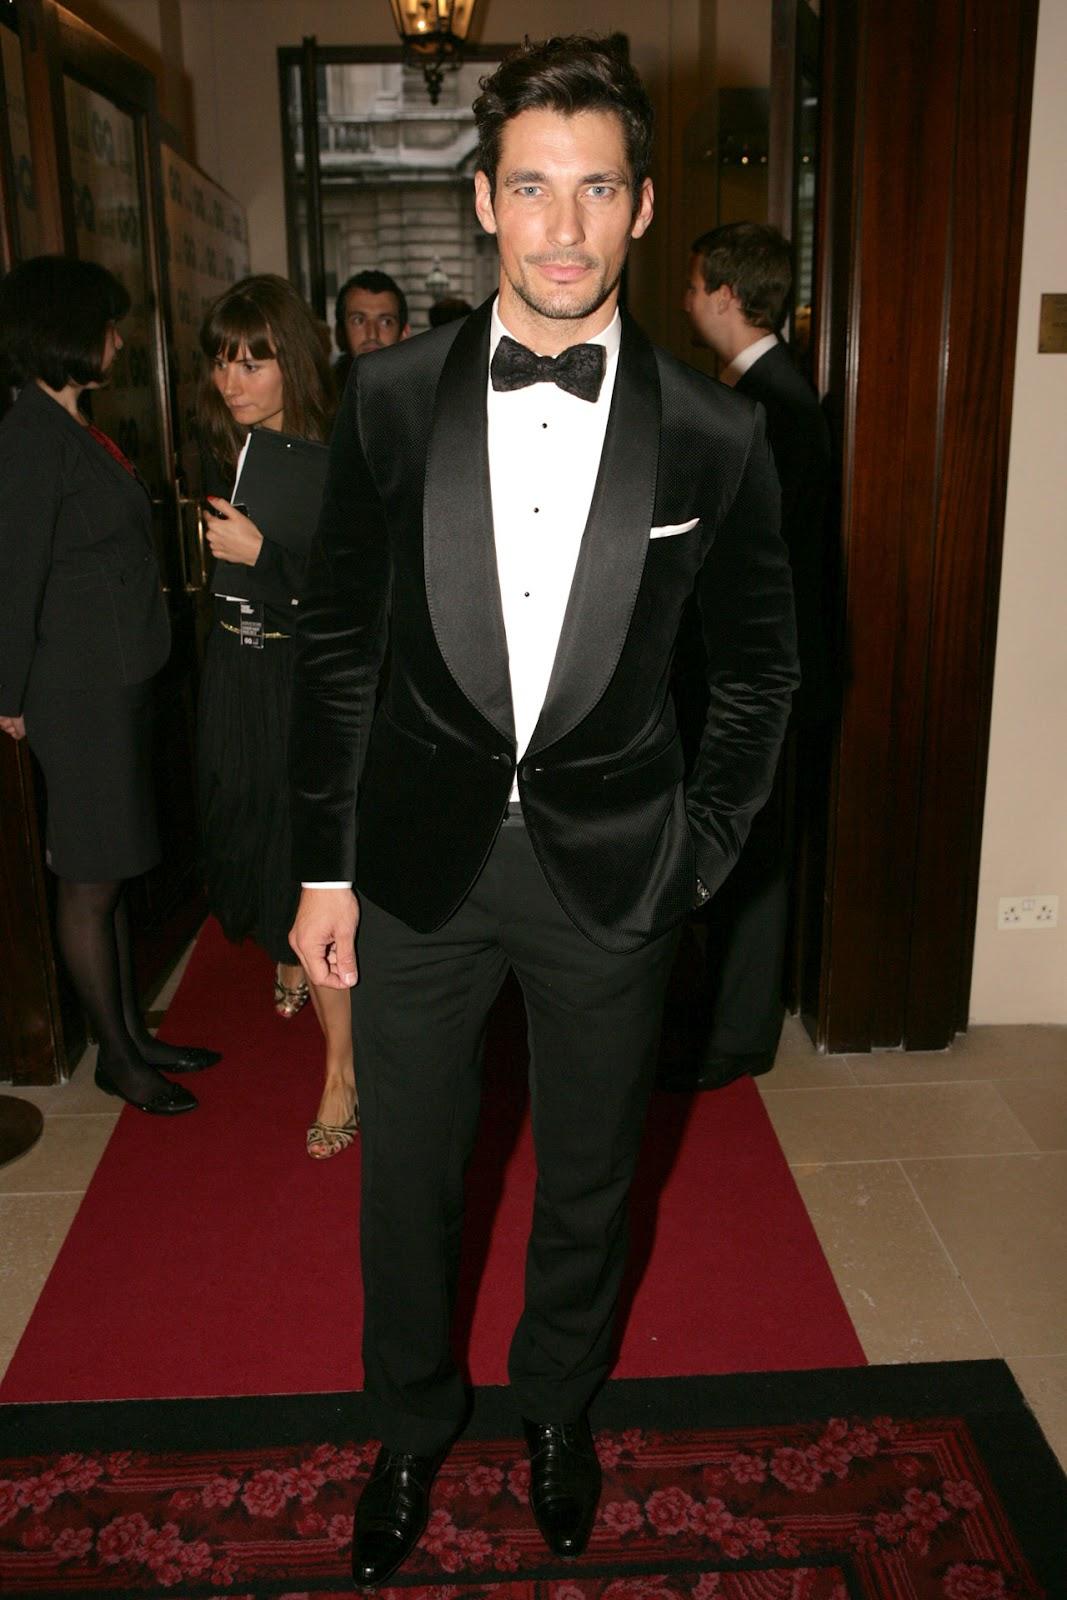 http://3.bp.blogspot.com/-yWQlqmXWoNU/UEd3sjM1iII/AAAAAAAAAKQ/2we4SaKPOzg/s1600/David+Gandy+GQ+Awards+2012+%2810%29.jpg